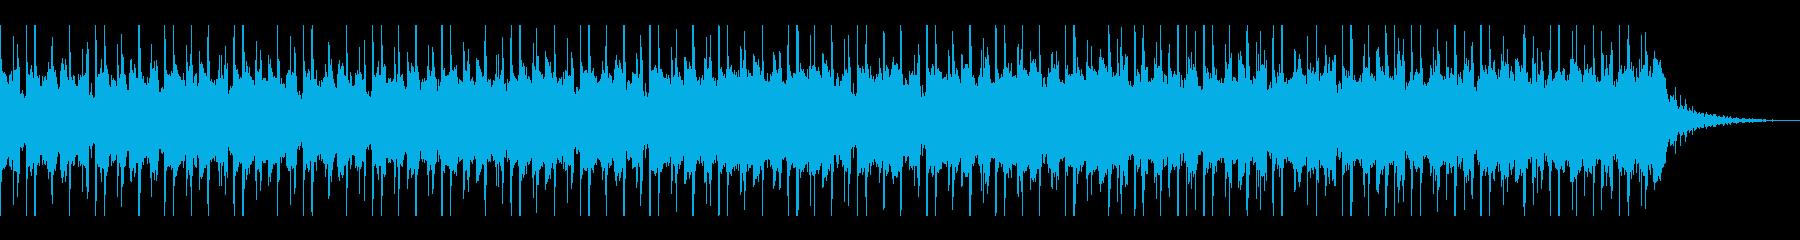 ラマダン(60秒)の再生済みの波形